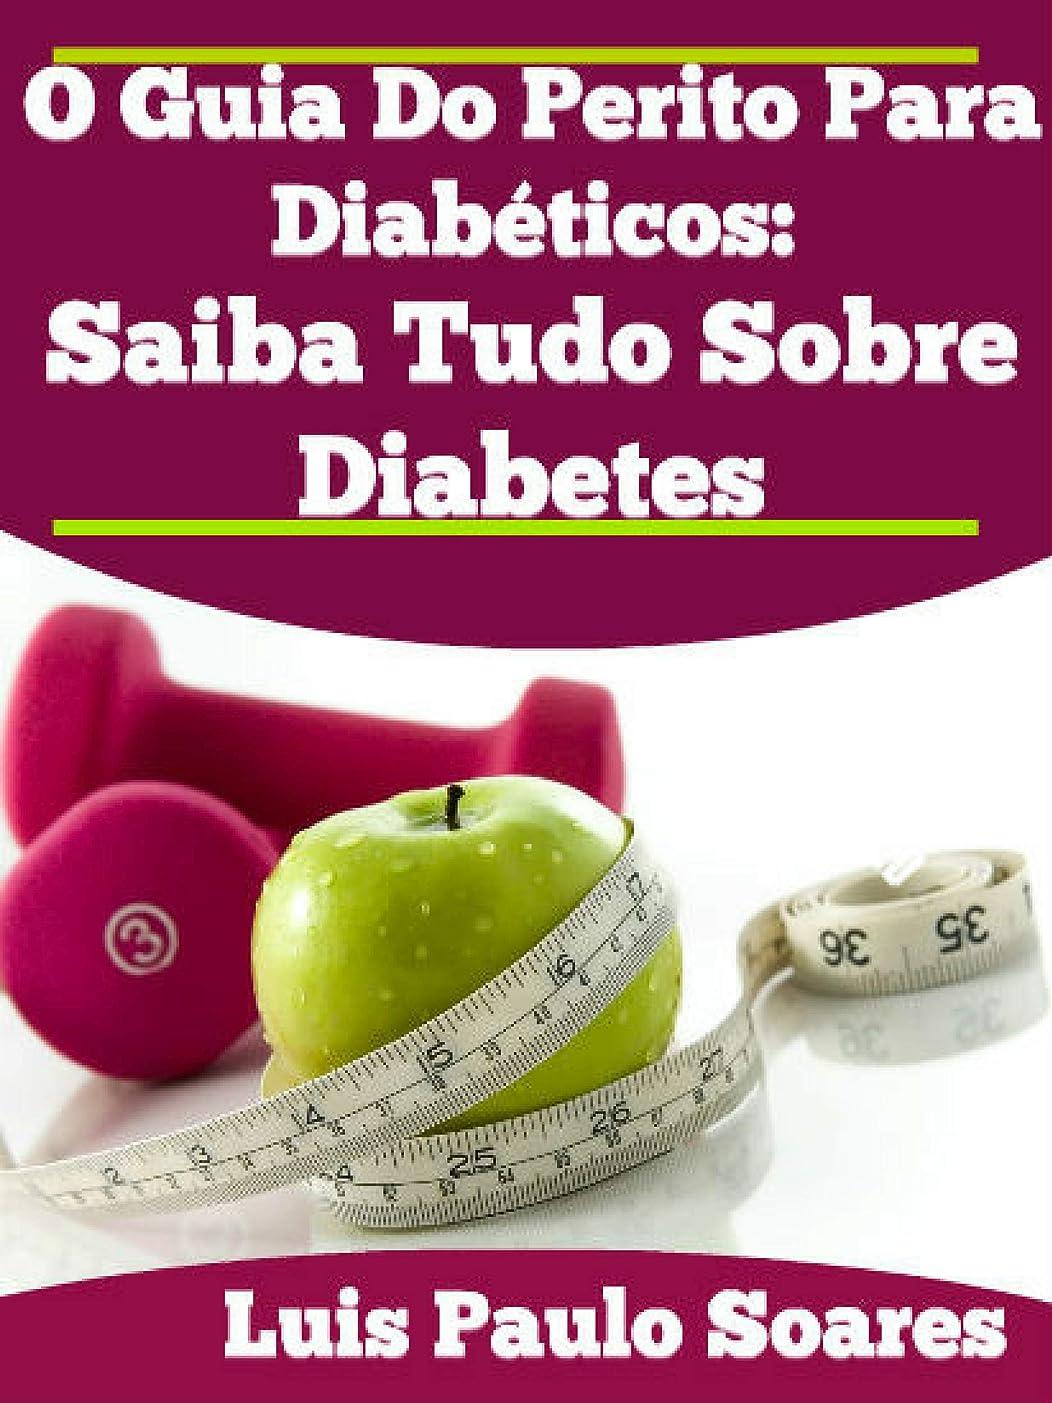 びっくりビリーデモンストレーションO Guia Do Perito Para Diabéticos:: Saiba Tudo Sobre Diabetes! (Portuguese Edition)